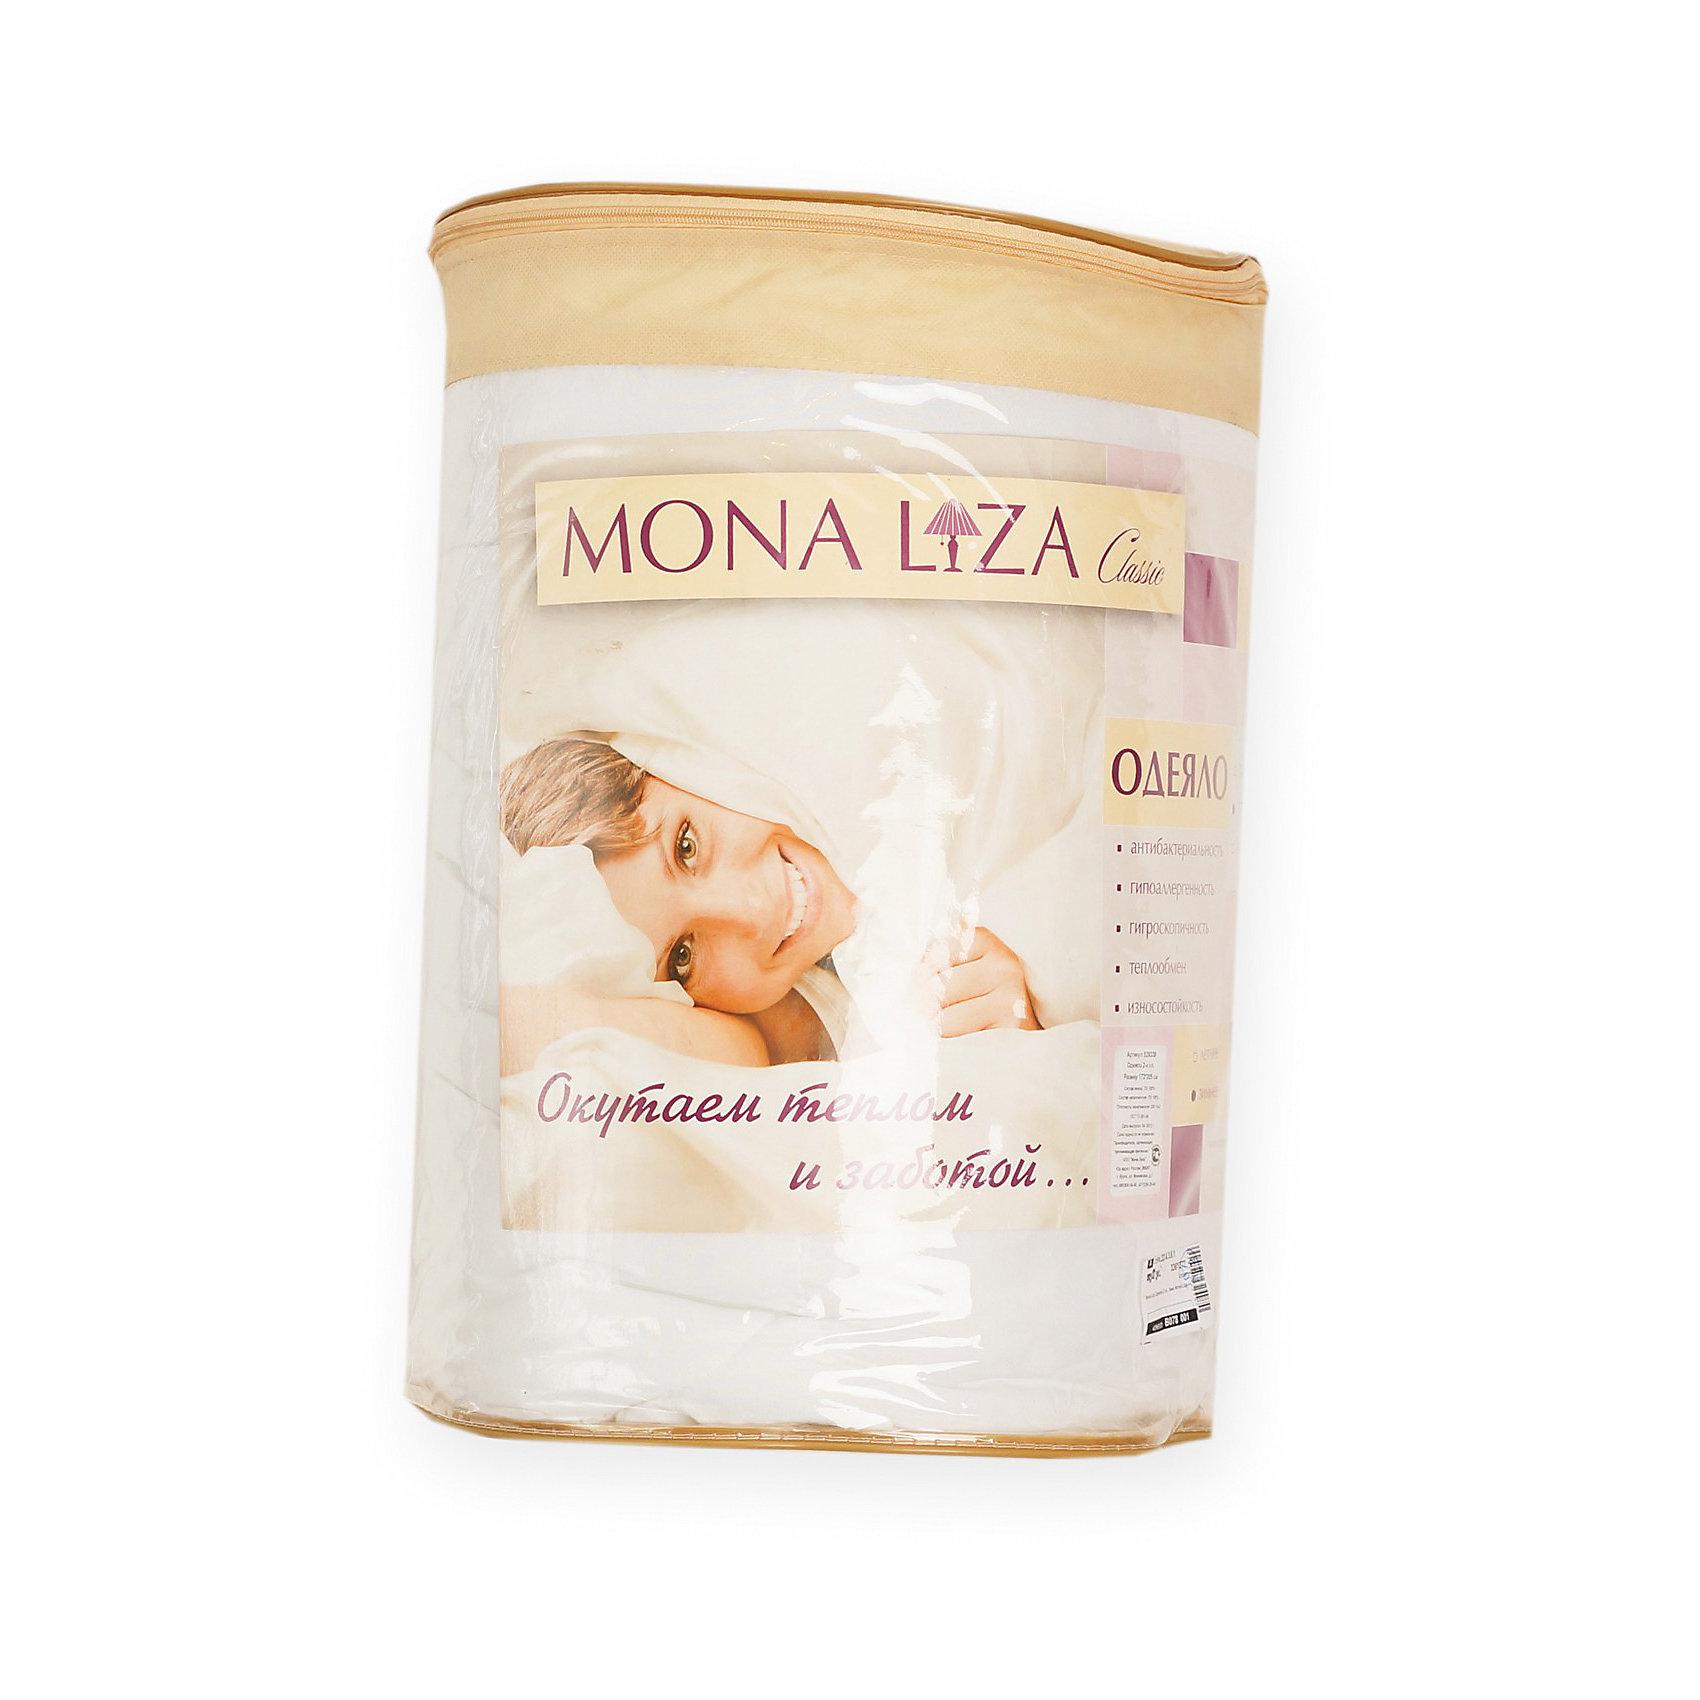 Одеяло зимнее 2-сп, 172*205 см (гипоаллергенное микроволокно), Mona LizaДомашний текстиль<br>Воздушное и мягкое одеяло Classic Зима Mona-Liza (Мона лиза) с наполнителем из высокосиликонизированного микроволокна подарят спокойный и крепкий сон. Благодаря современному наполнителю одеяло хорошо держит форму и легко восстанавливается после сминания. Одеяло можно стирать, оно быстро сохнет. <br>Одеяло обладает гипоаллергенными и антибактериальными свойствами. В нем не заводятся паразиты. В качестве ткани верха использован микрошелк.<br><br>Дополнительная информация:<br><br>- одеяло зимнее<br>- размеры: 172 х 205 см<br>- ткань чехла: микрошелк <br>- наполнитель: микроволокно<br><br>Одеяло 2 сп. Зима Mona-Liza (Мона-Лиза) можно купить в нашем магазине.<br><br>Ширина мм: 400<br>Глубина мм: 650<br>Высота мм: 400<br>Вес г: 1500<br>Возраст от месяцев: -2147483648<br>Возраст до месяцев: 2147483647<br>Пол: Женский<br>Возраст: Детский<br>SKU: 3361277